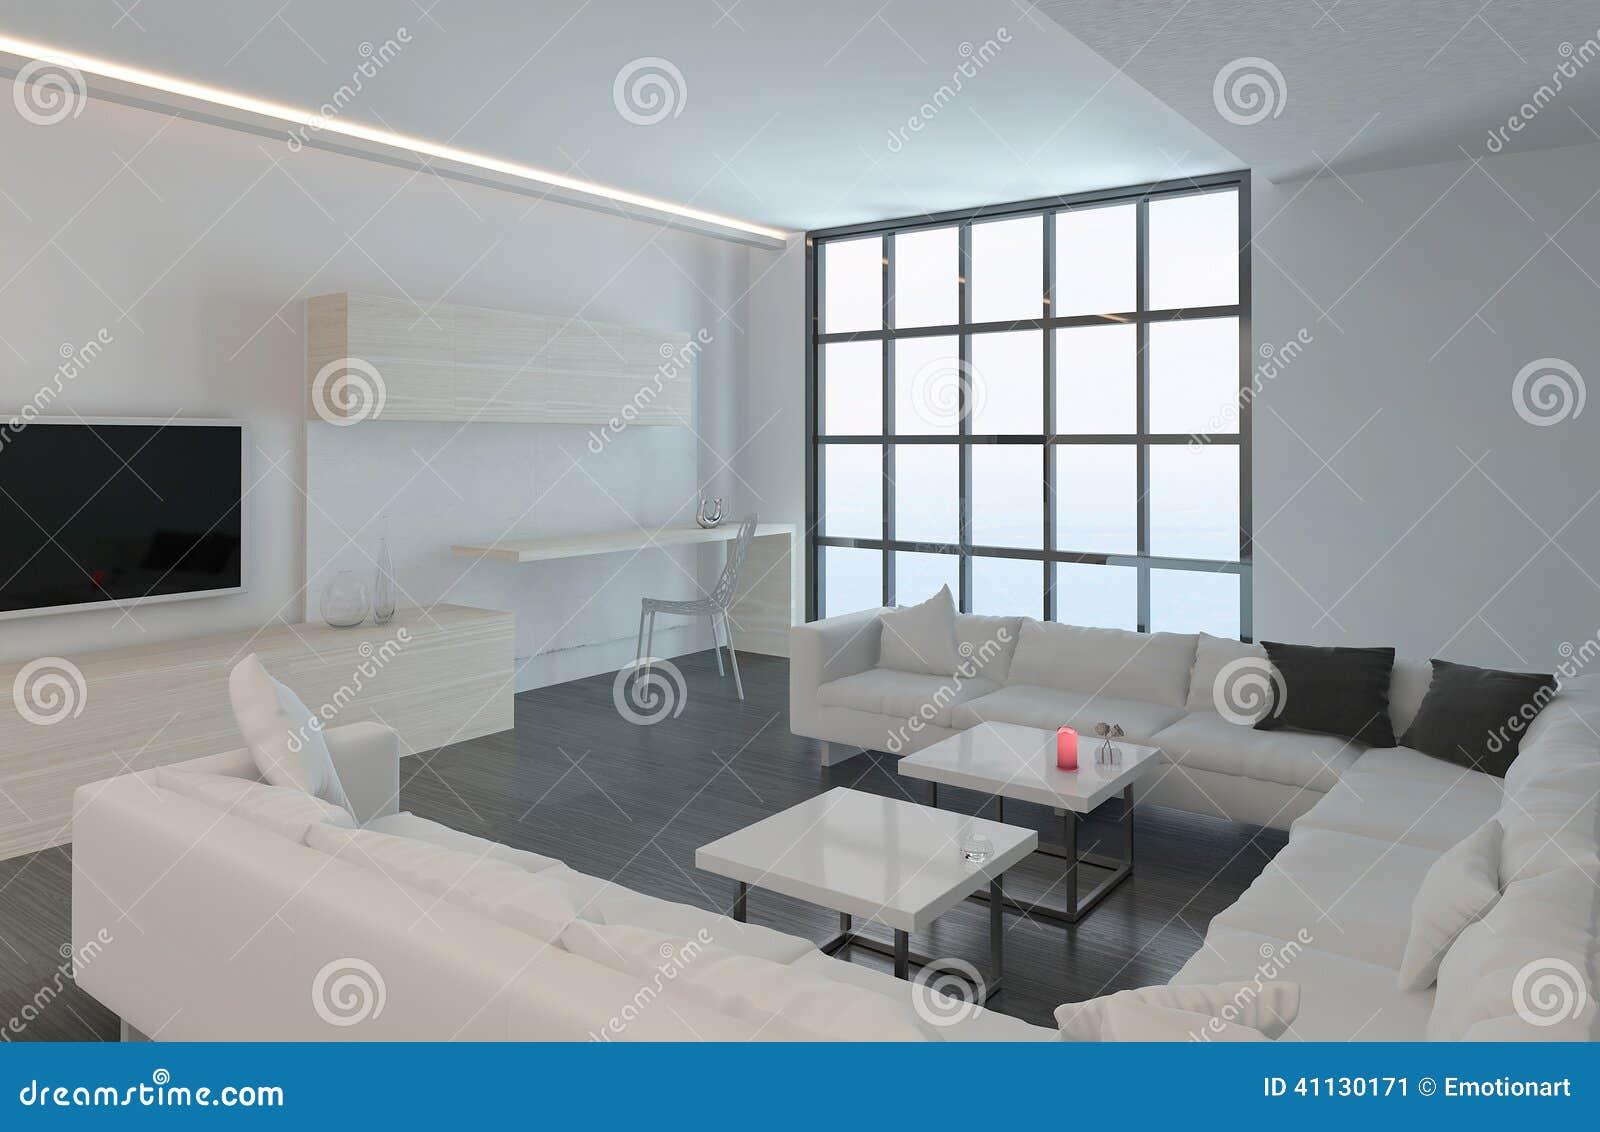 Download Modernes Weißes Wohnzimmer Mit Boden Zum Deckenfenster Stock  Abbildung   Illustration Von Möbel, Leben